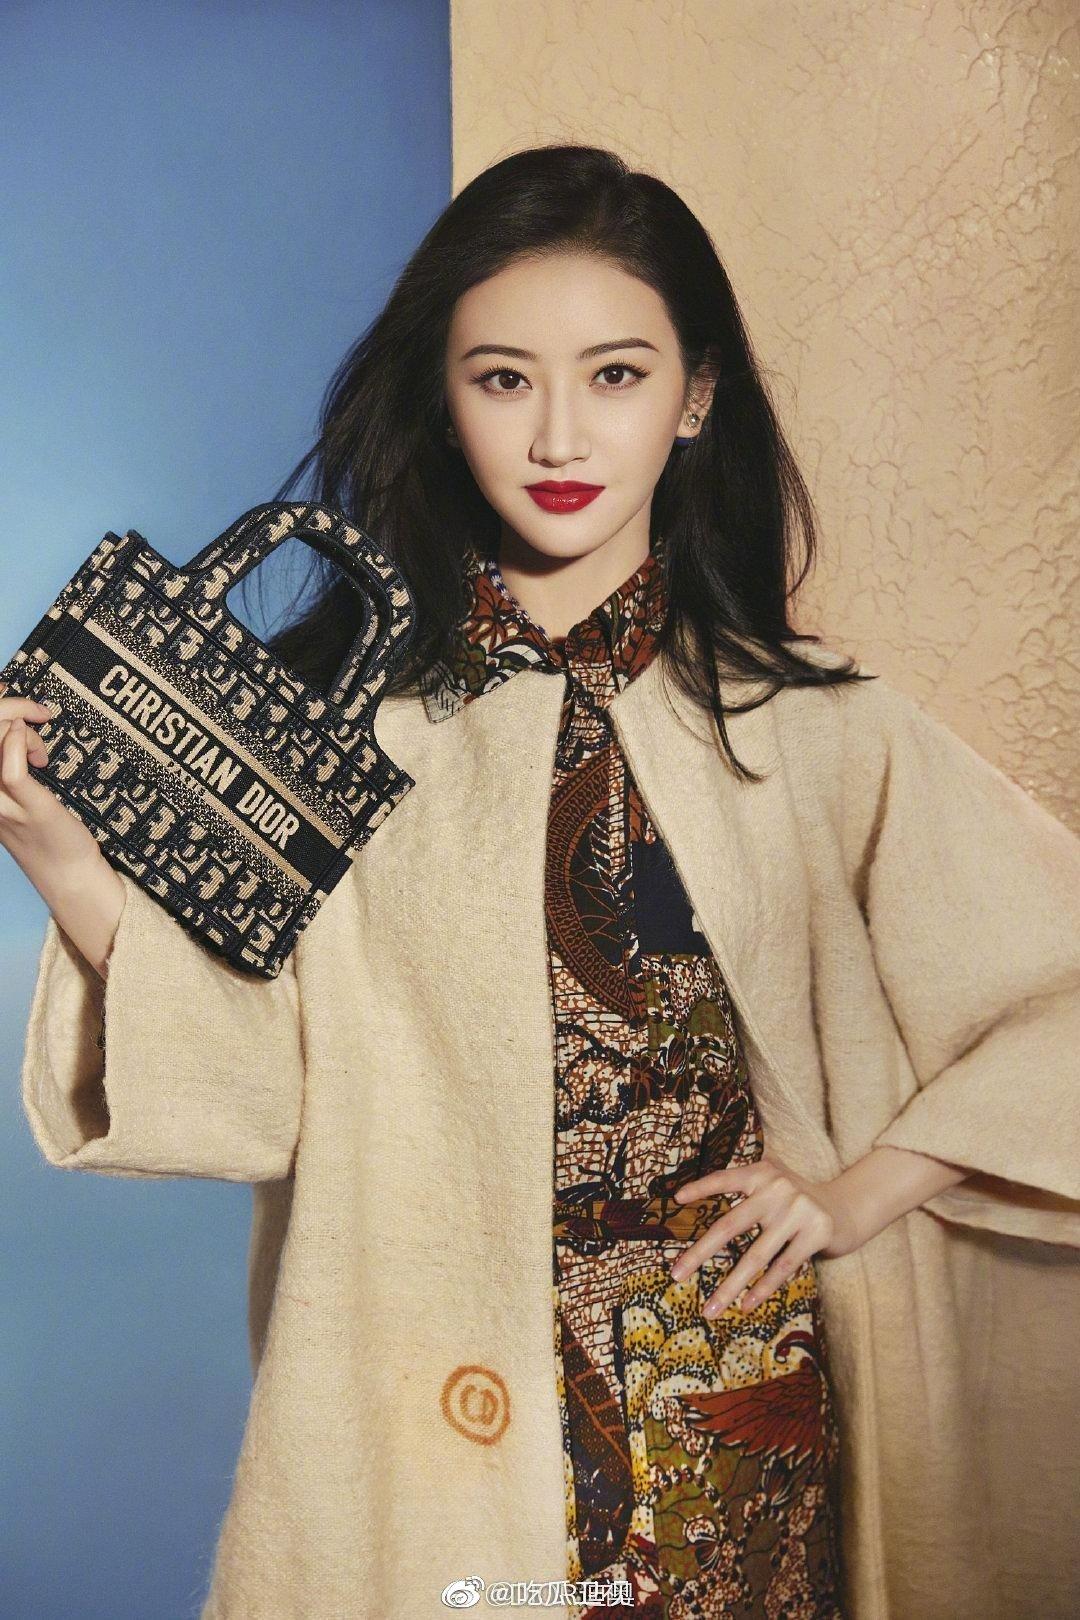 景甜,杨采钰,吴谨言为品牌Dior拍摄的宣传图,谁表现力最好?